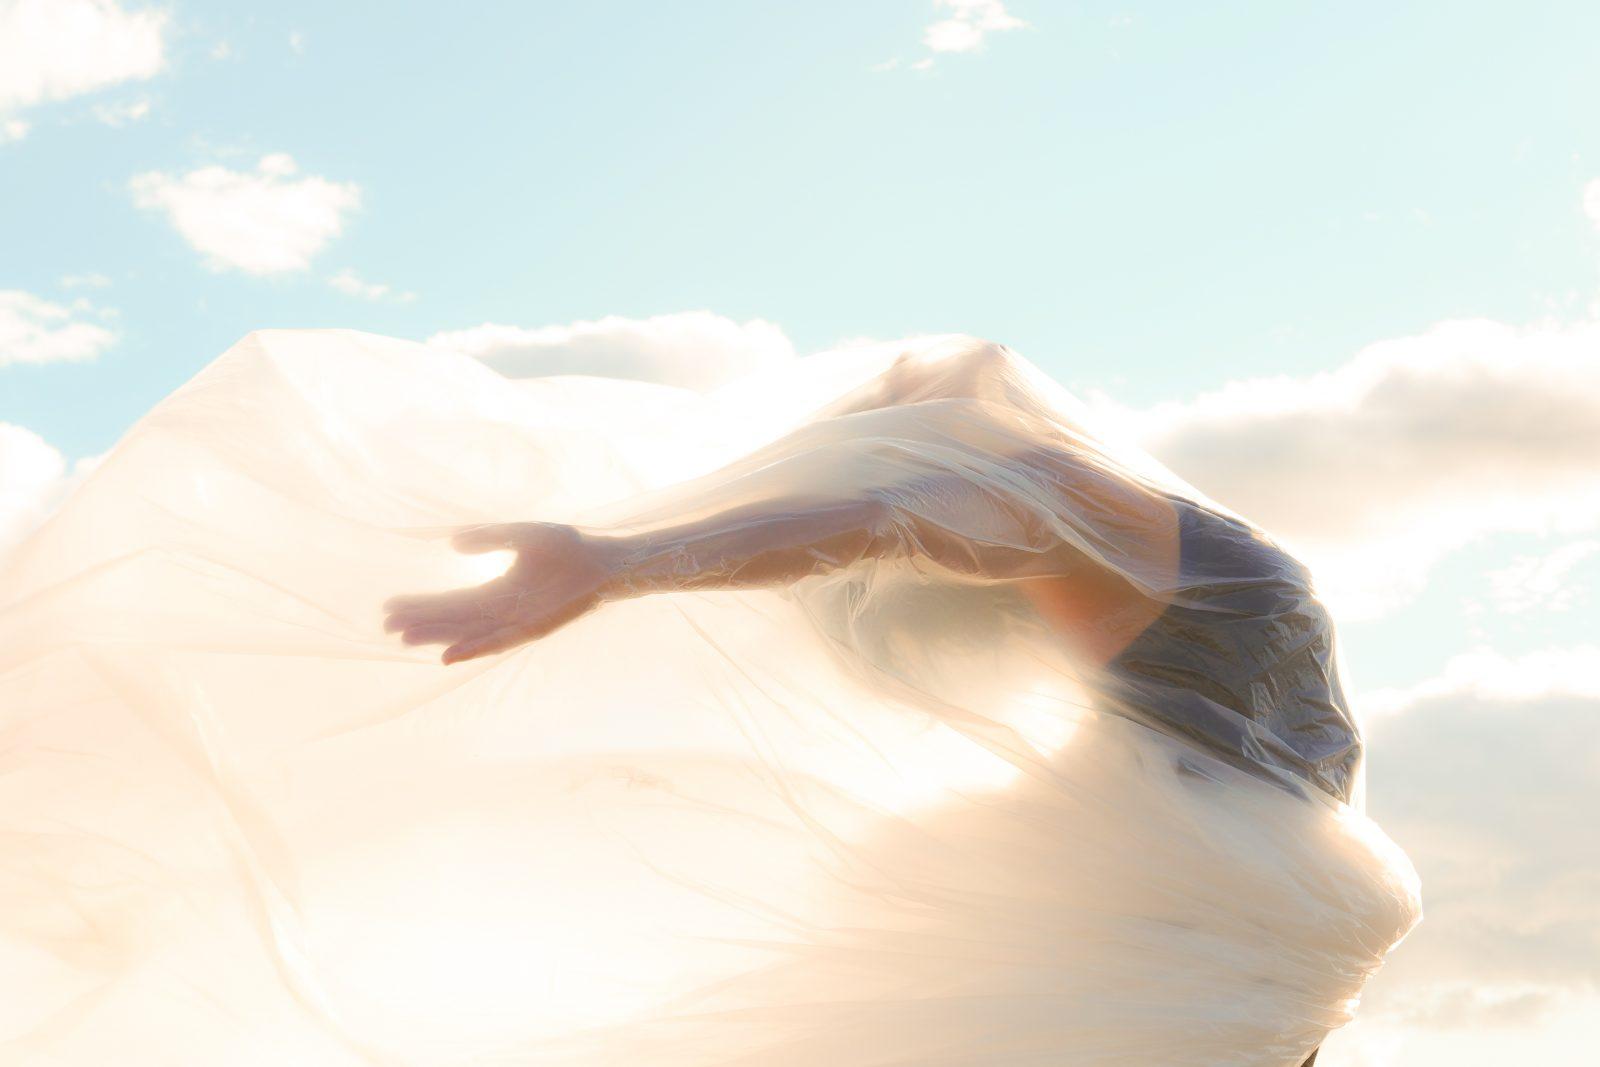 Fleuve | Espace Danse propose un spectacle hors du commun